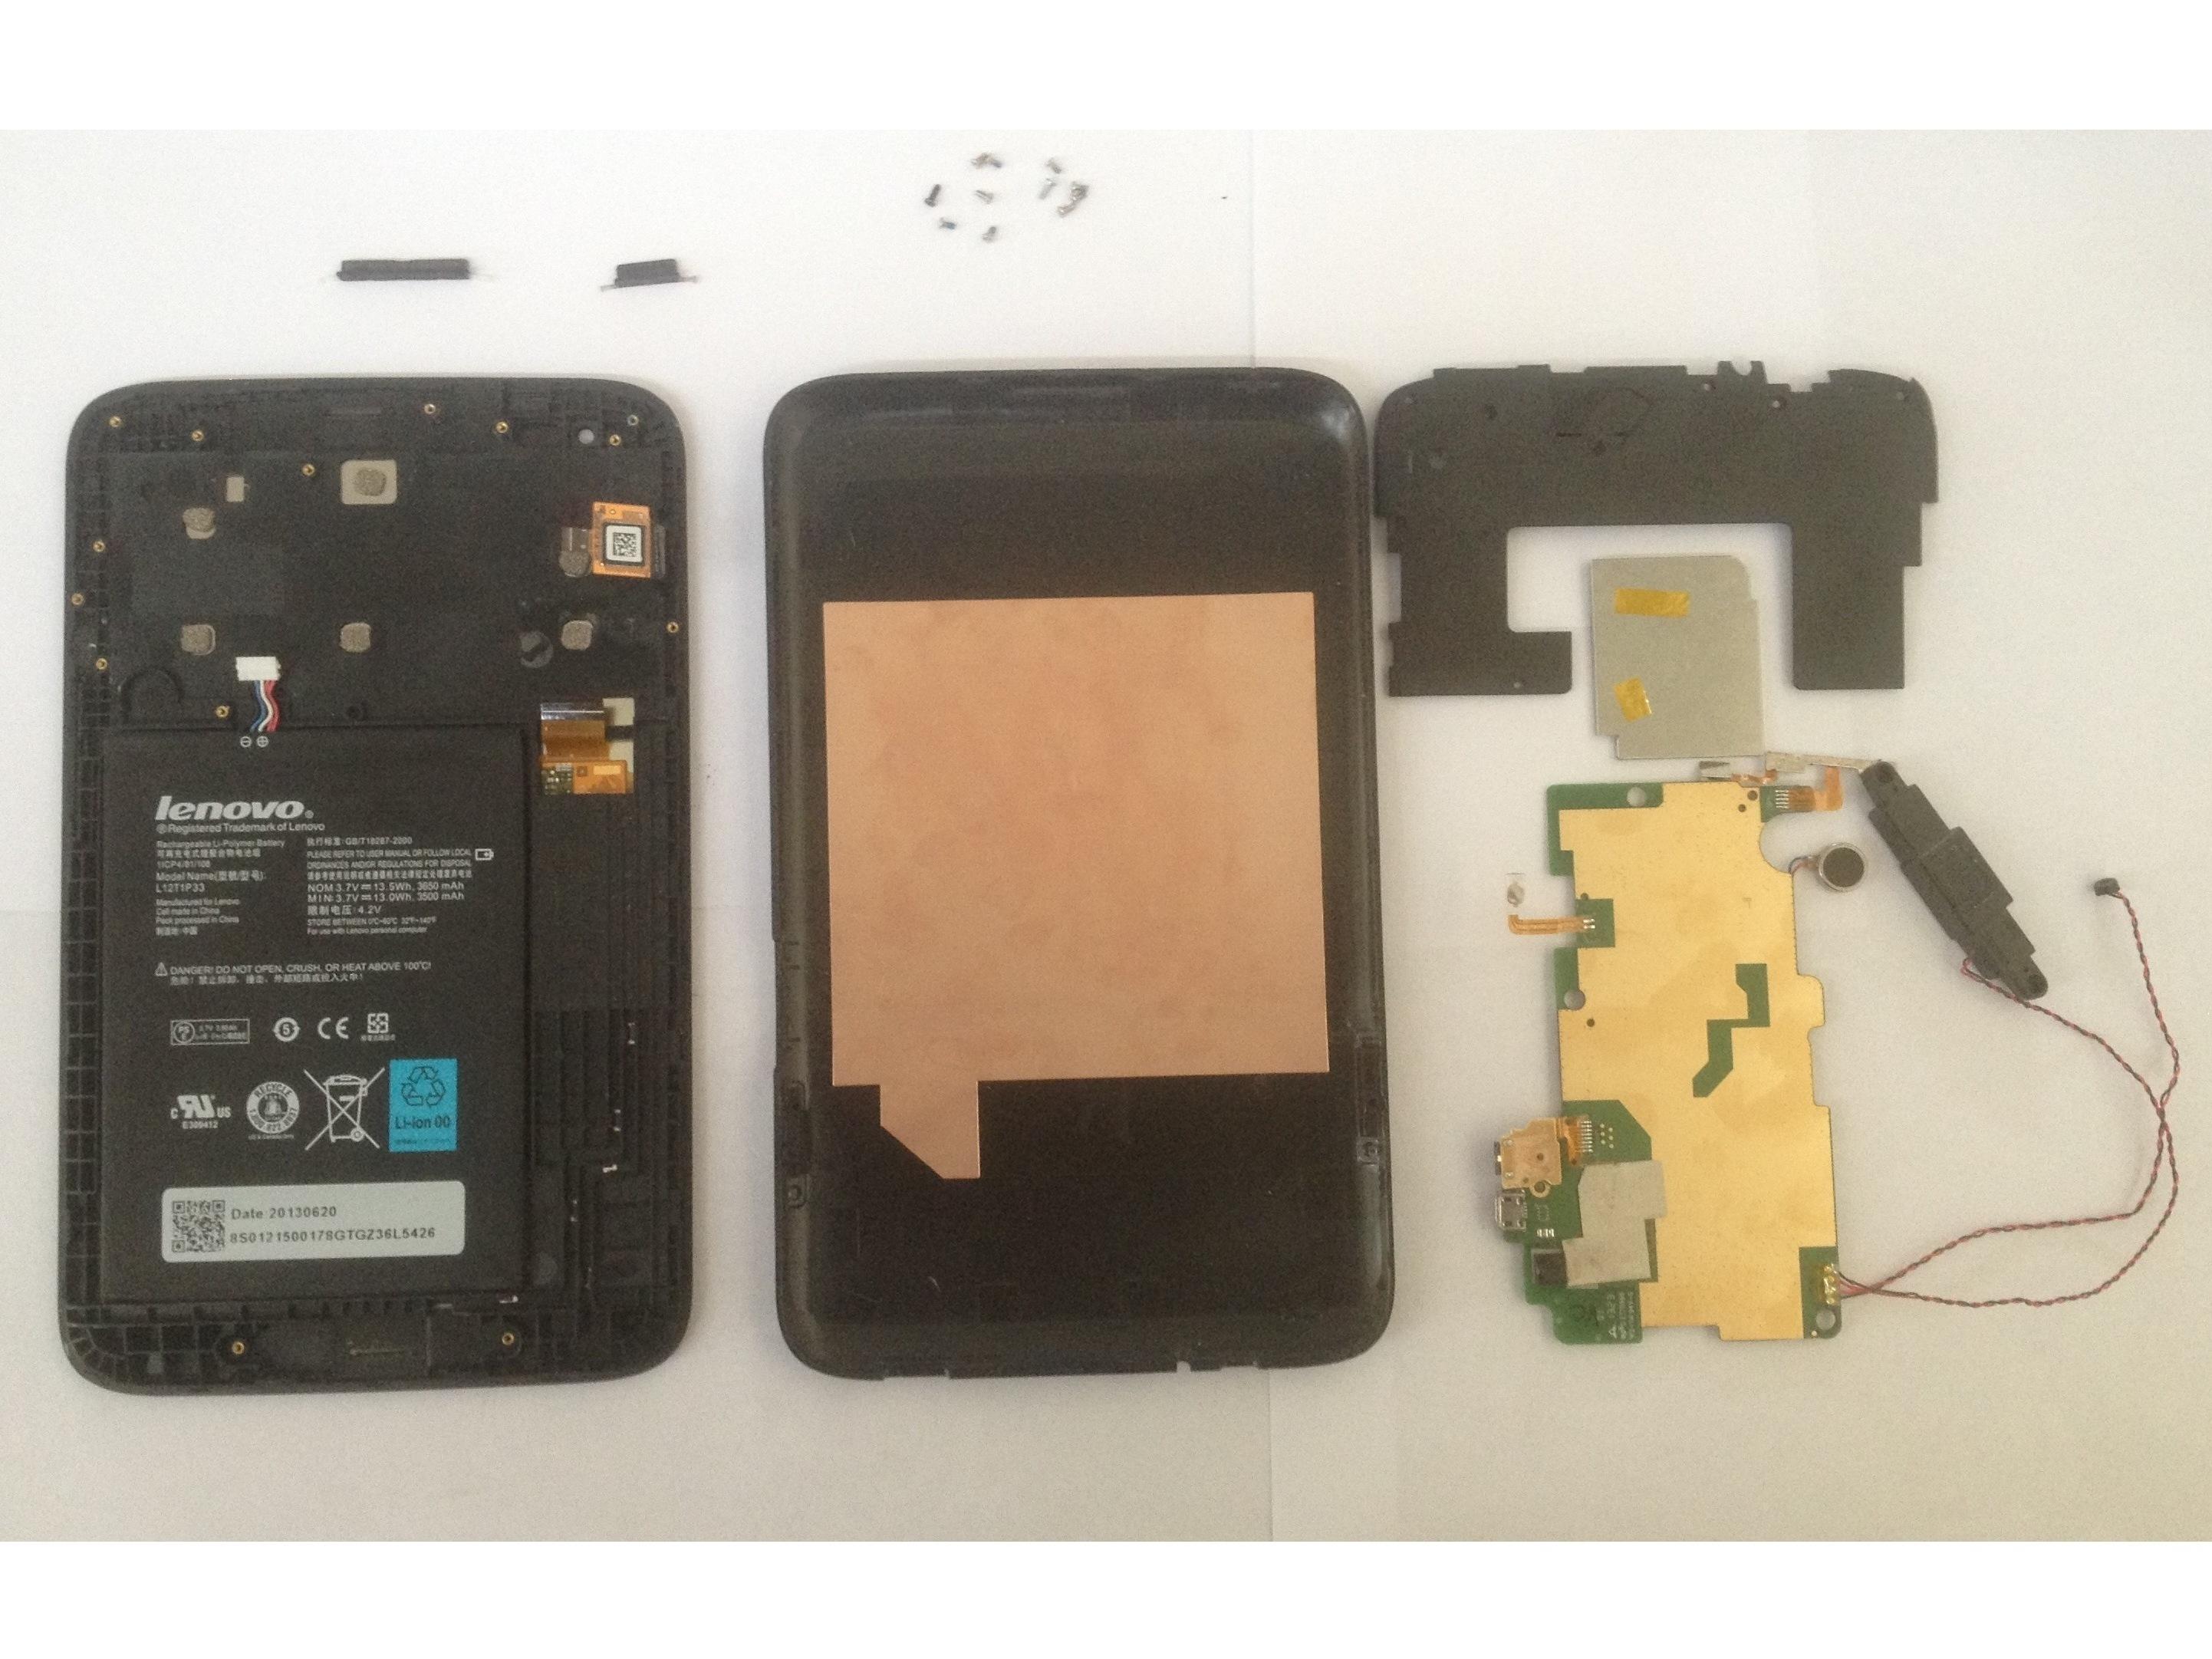 Lenovo Ideatab A1000 Repair - iFixit